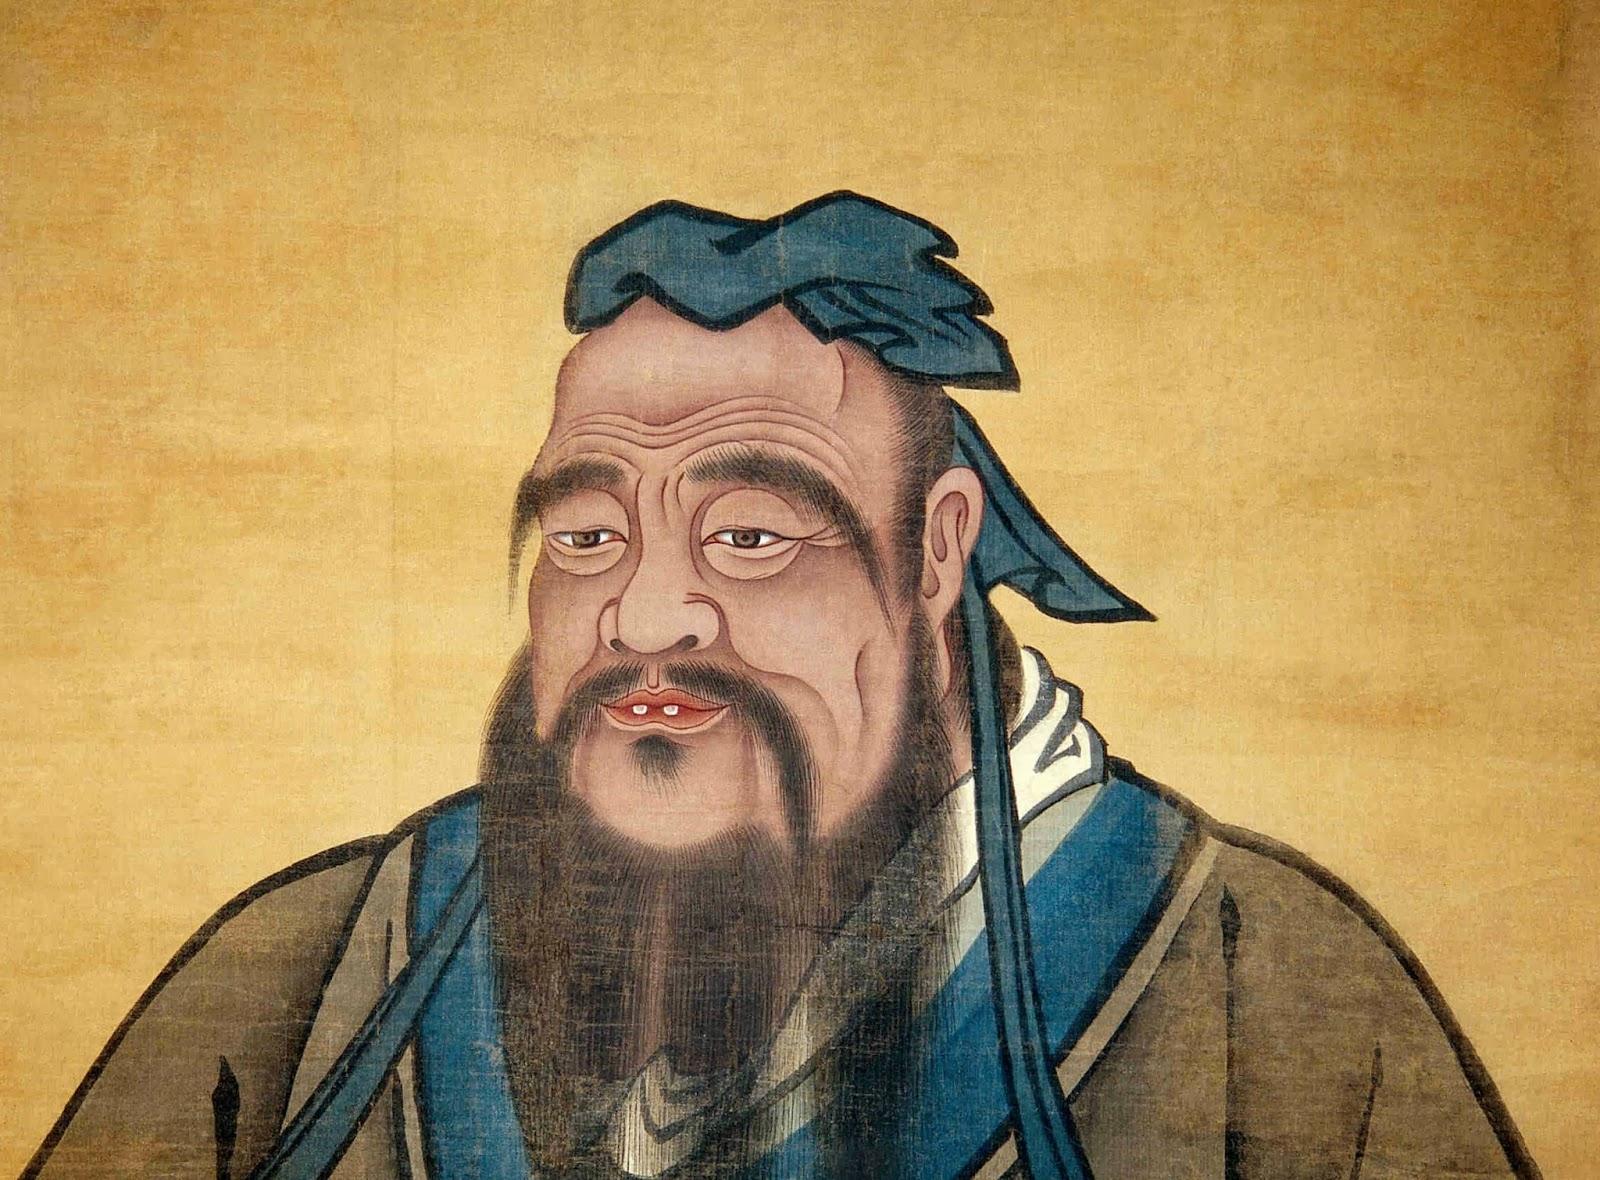 Khổng Tử là nhà giáo dục và nhà tư tưởng kiệt xuất của Trung Quốc cổ đại.1